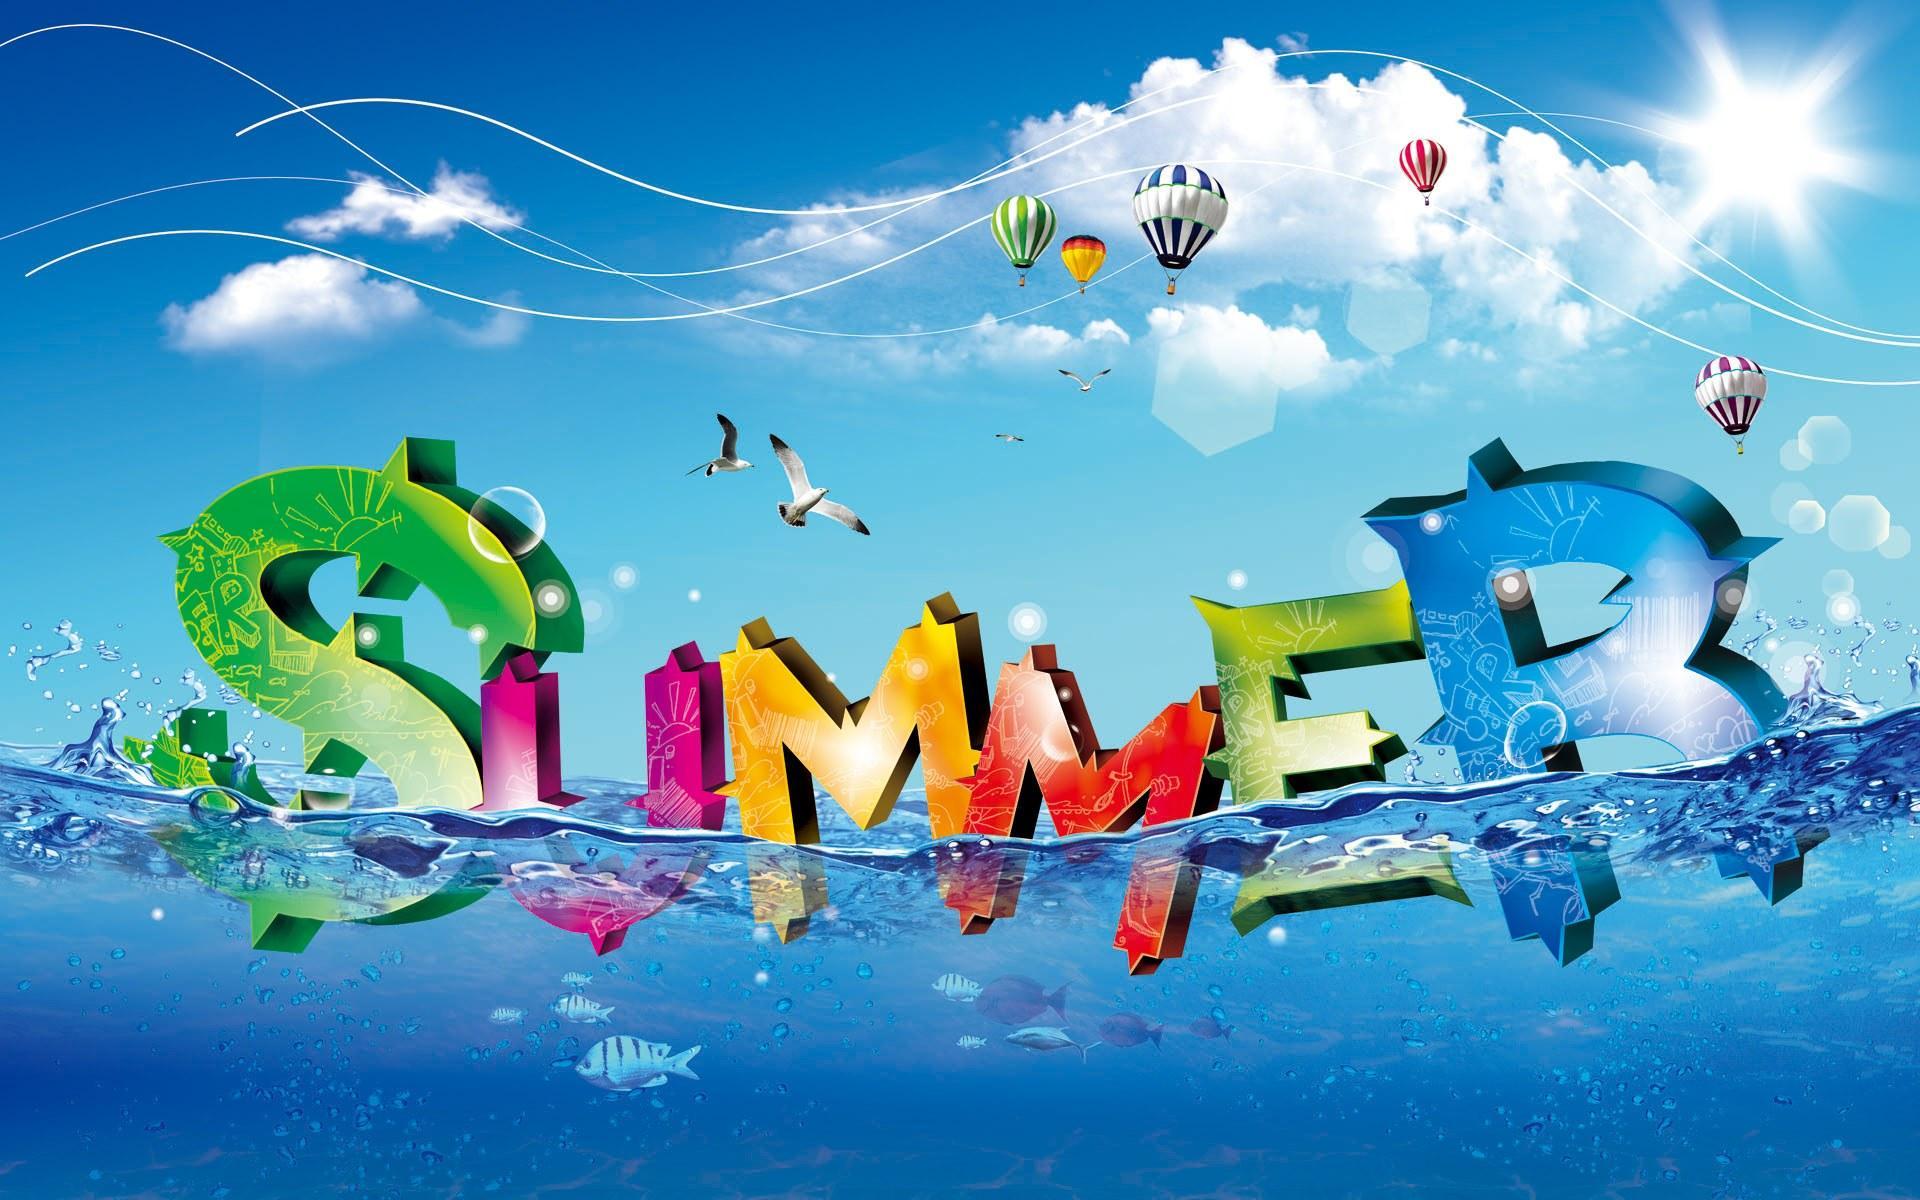 Cool_Summer_freecomputerdesktopwallpaper_1920